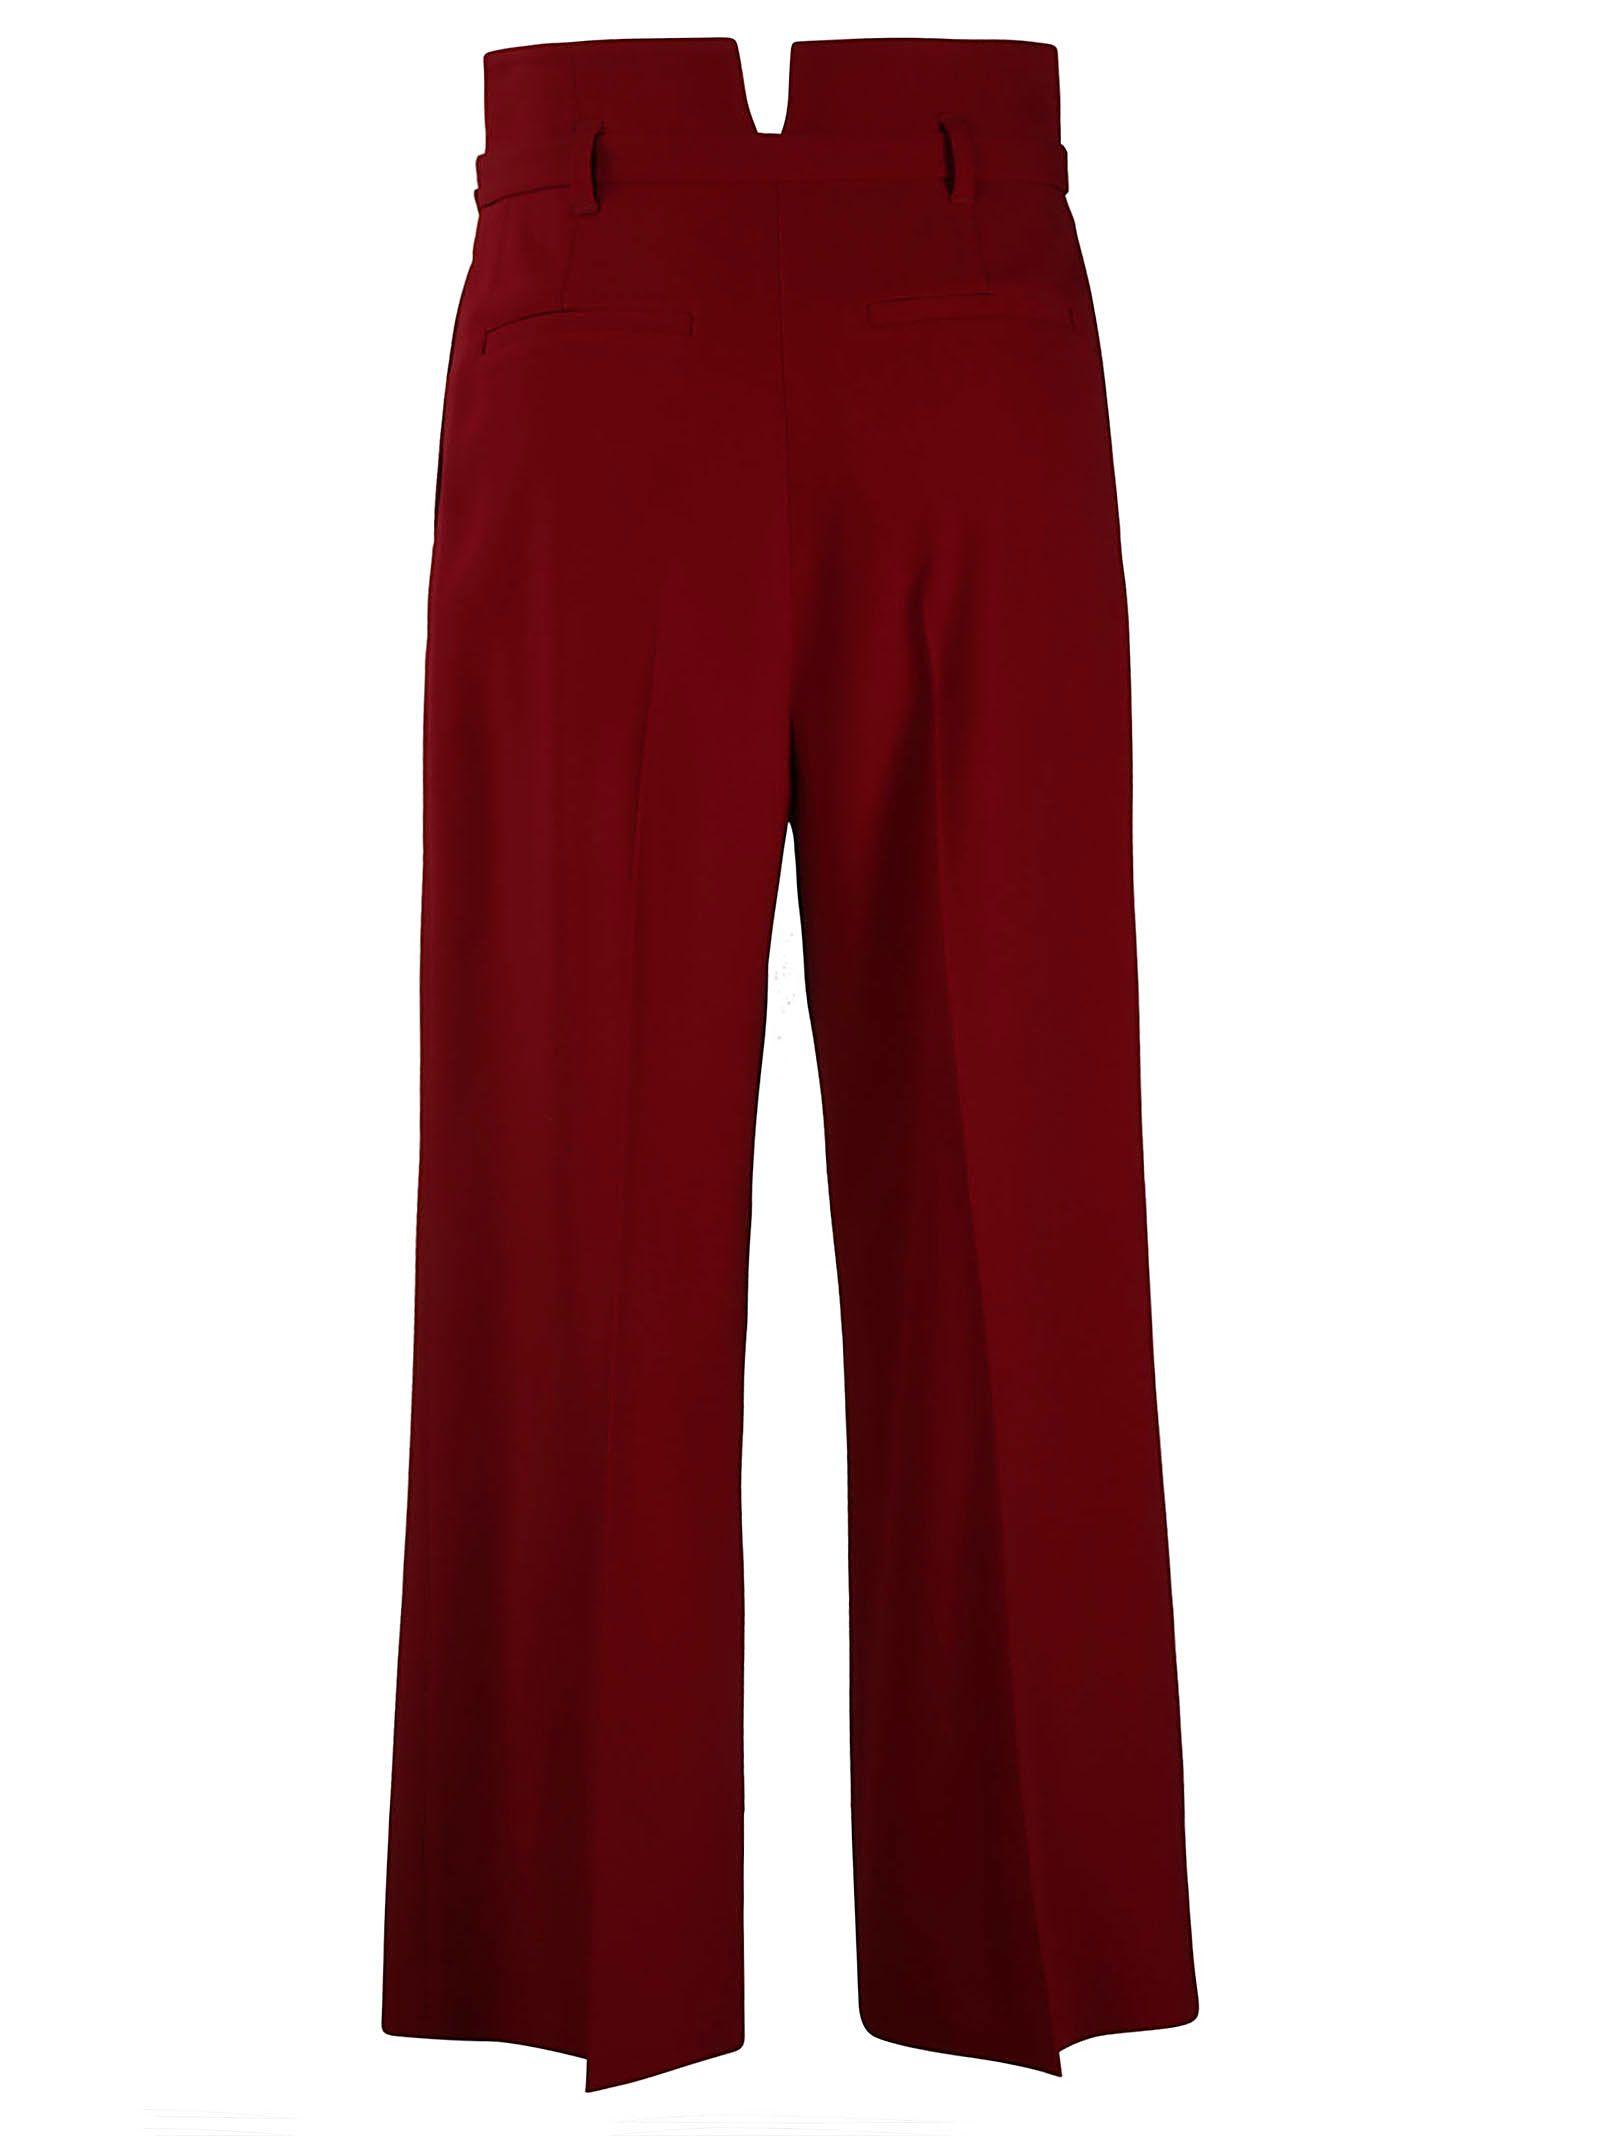 Valentino recortados cinturón recto con pantalones Red Cherry RSwzqHUqx